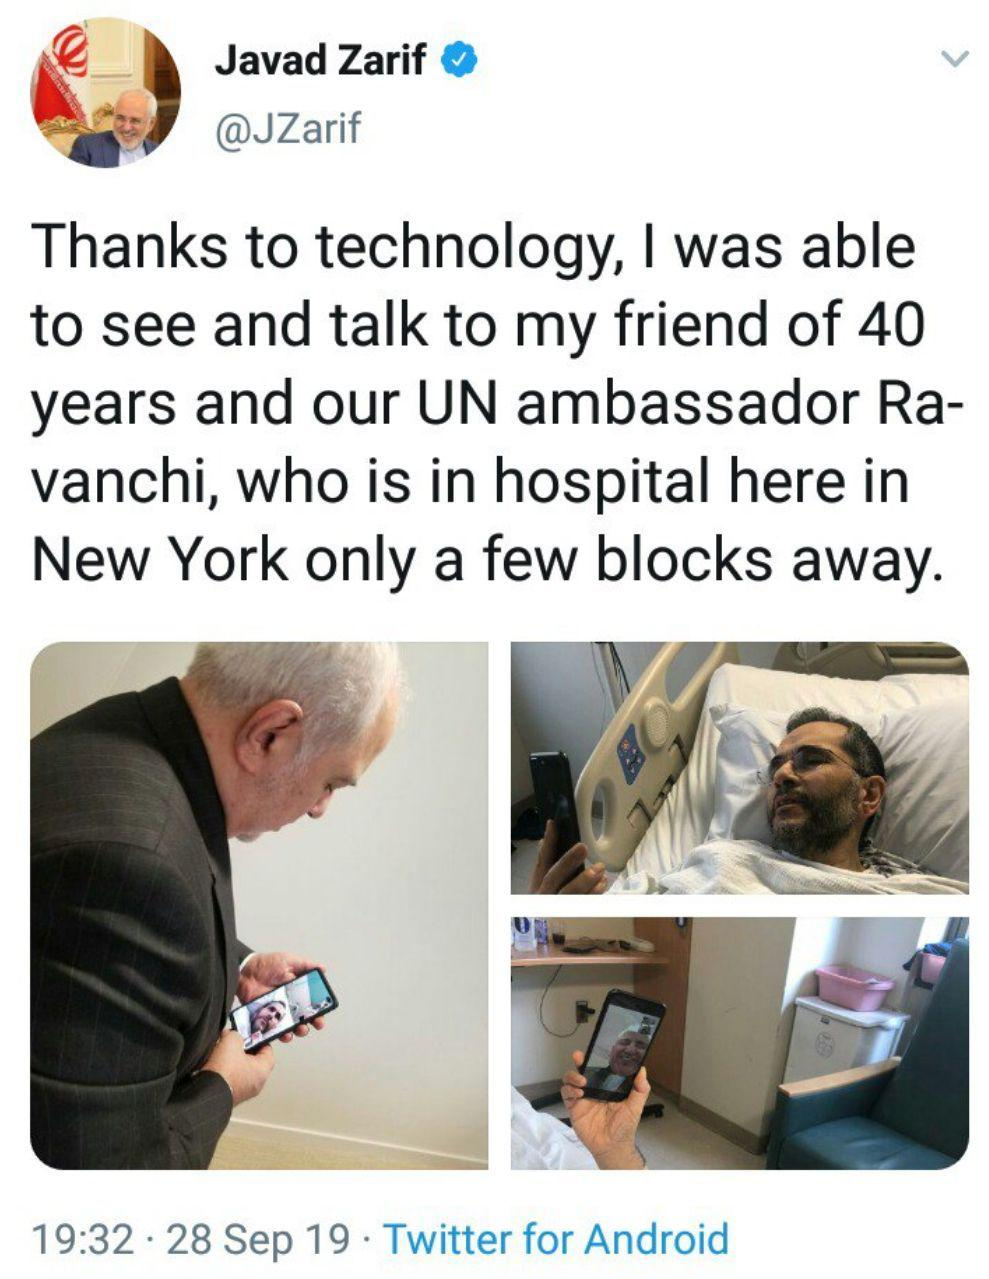 شرط آمریکاییها برای ملاقات با سفیر بیمار